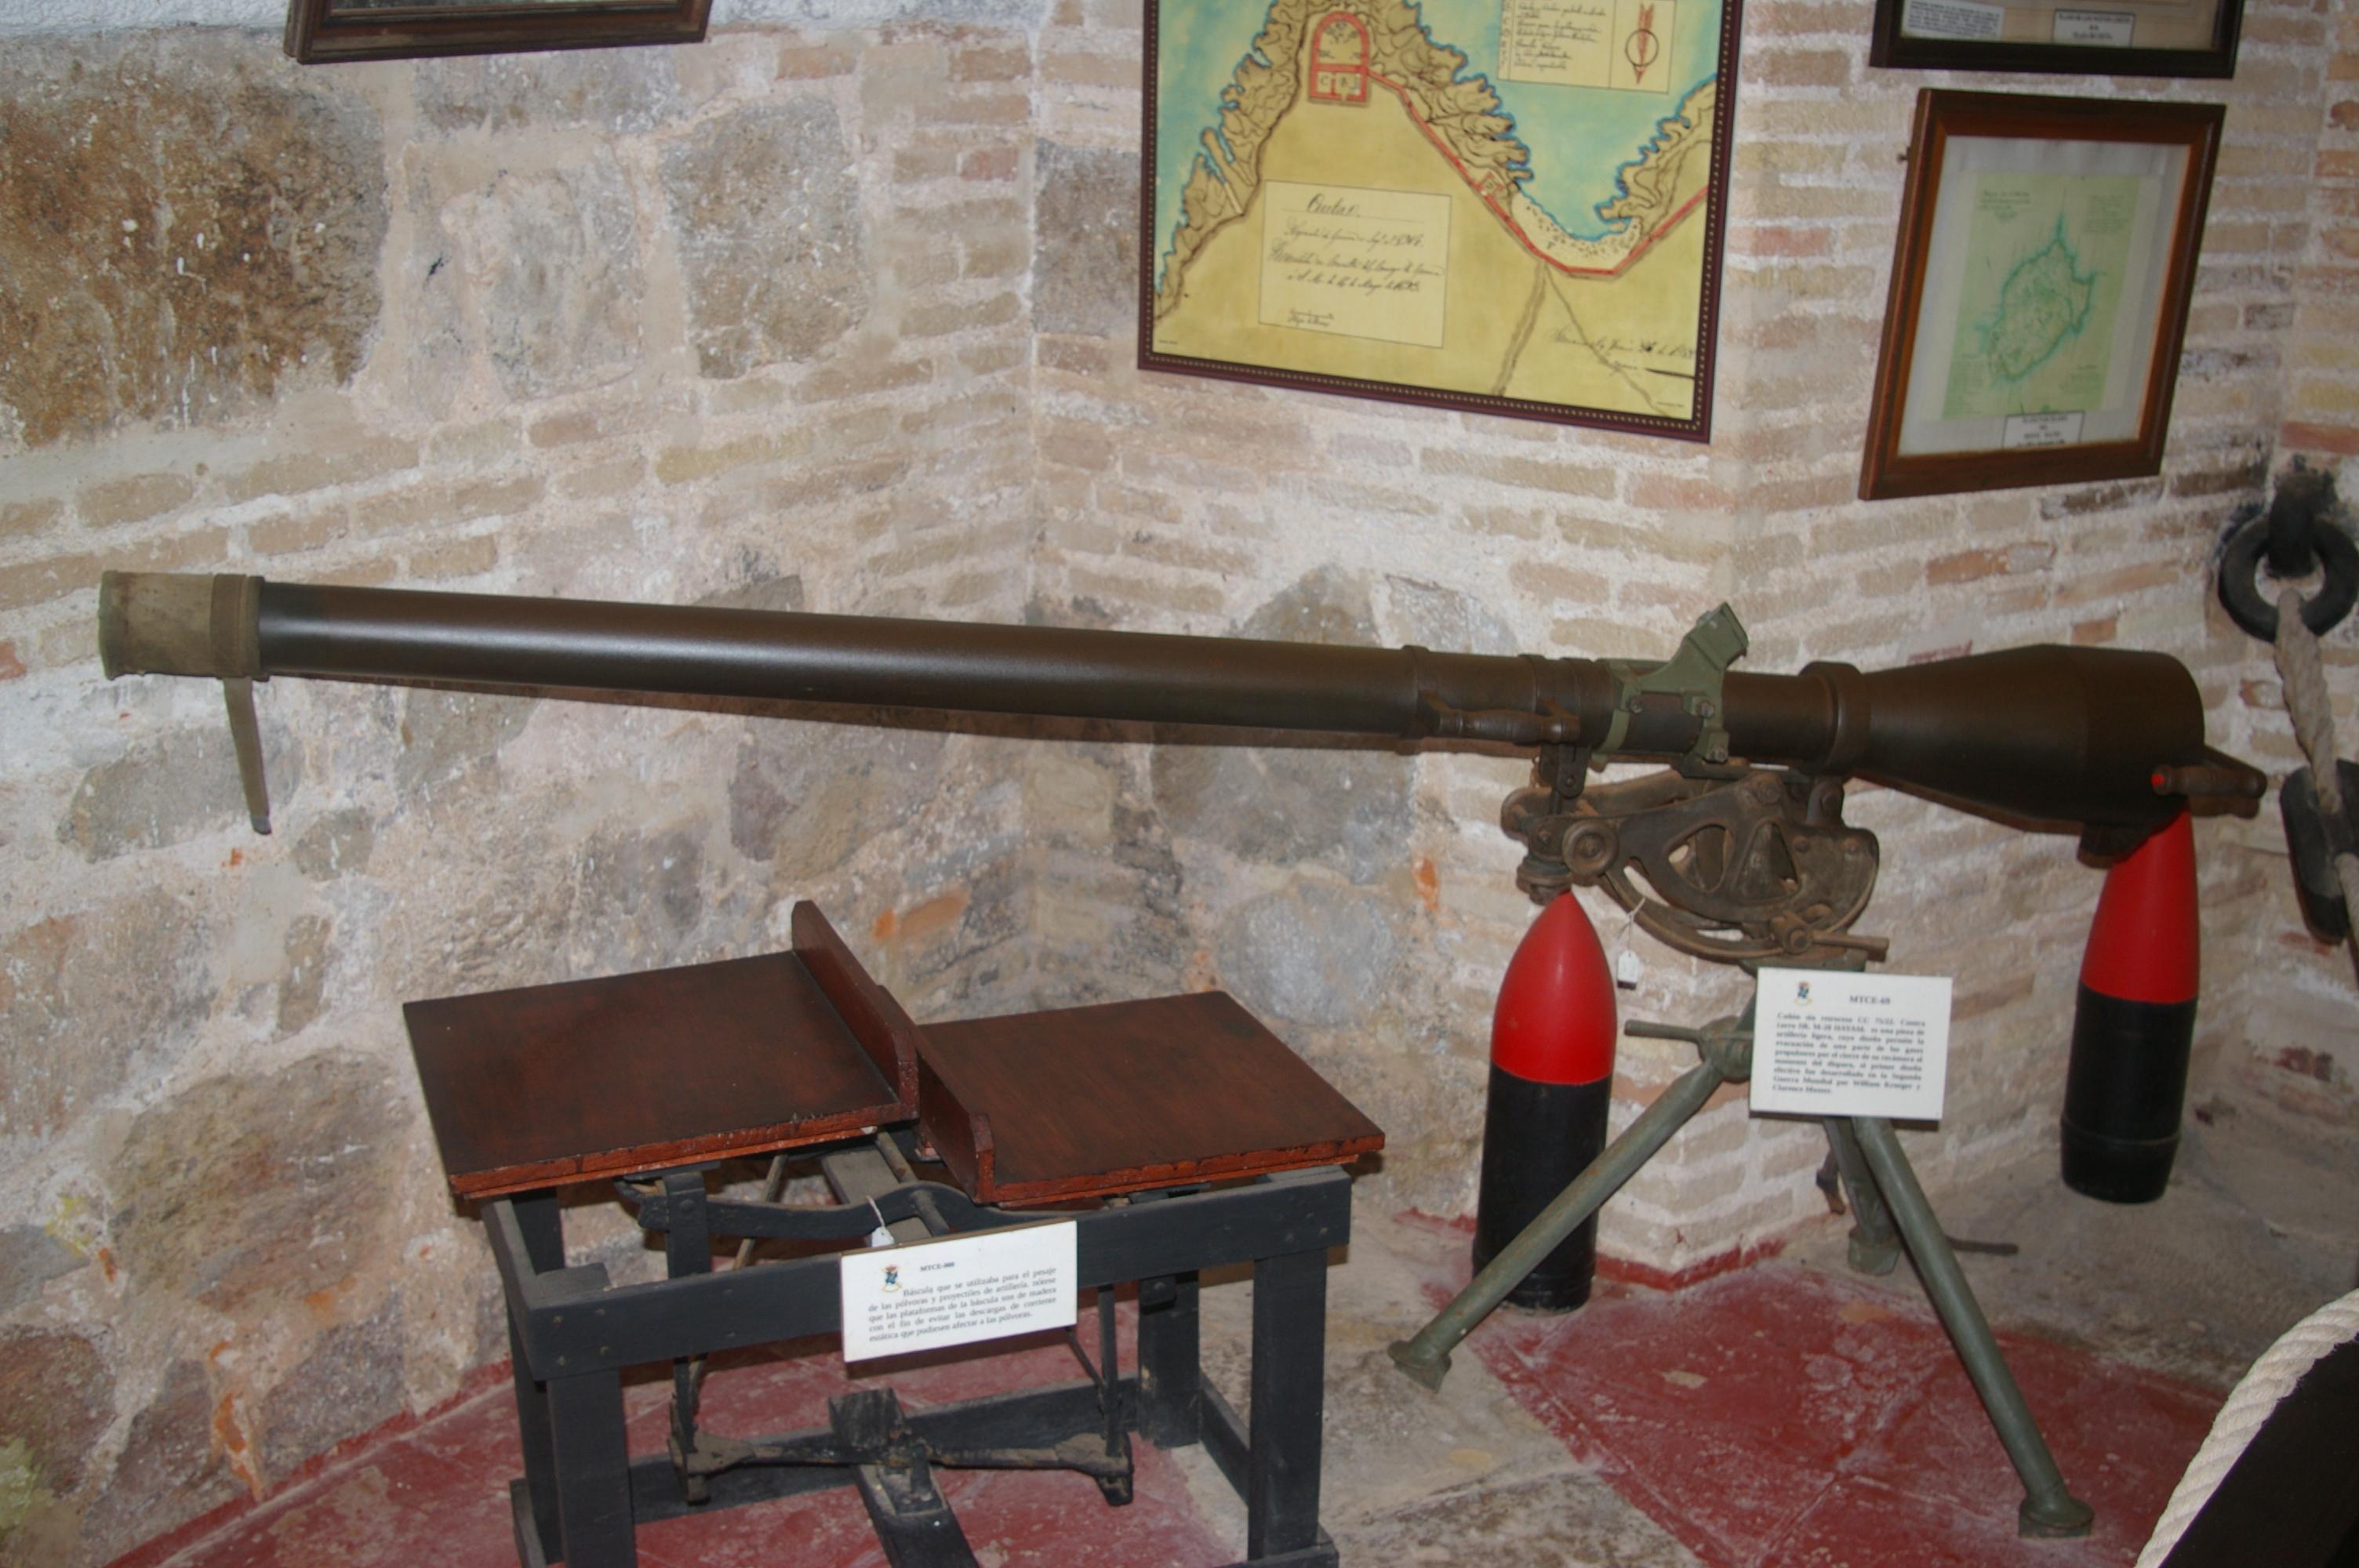 Cañón sin retroceso de 75mm M-20